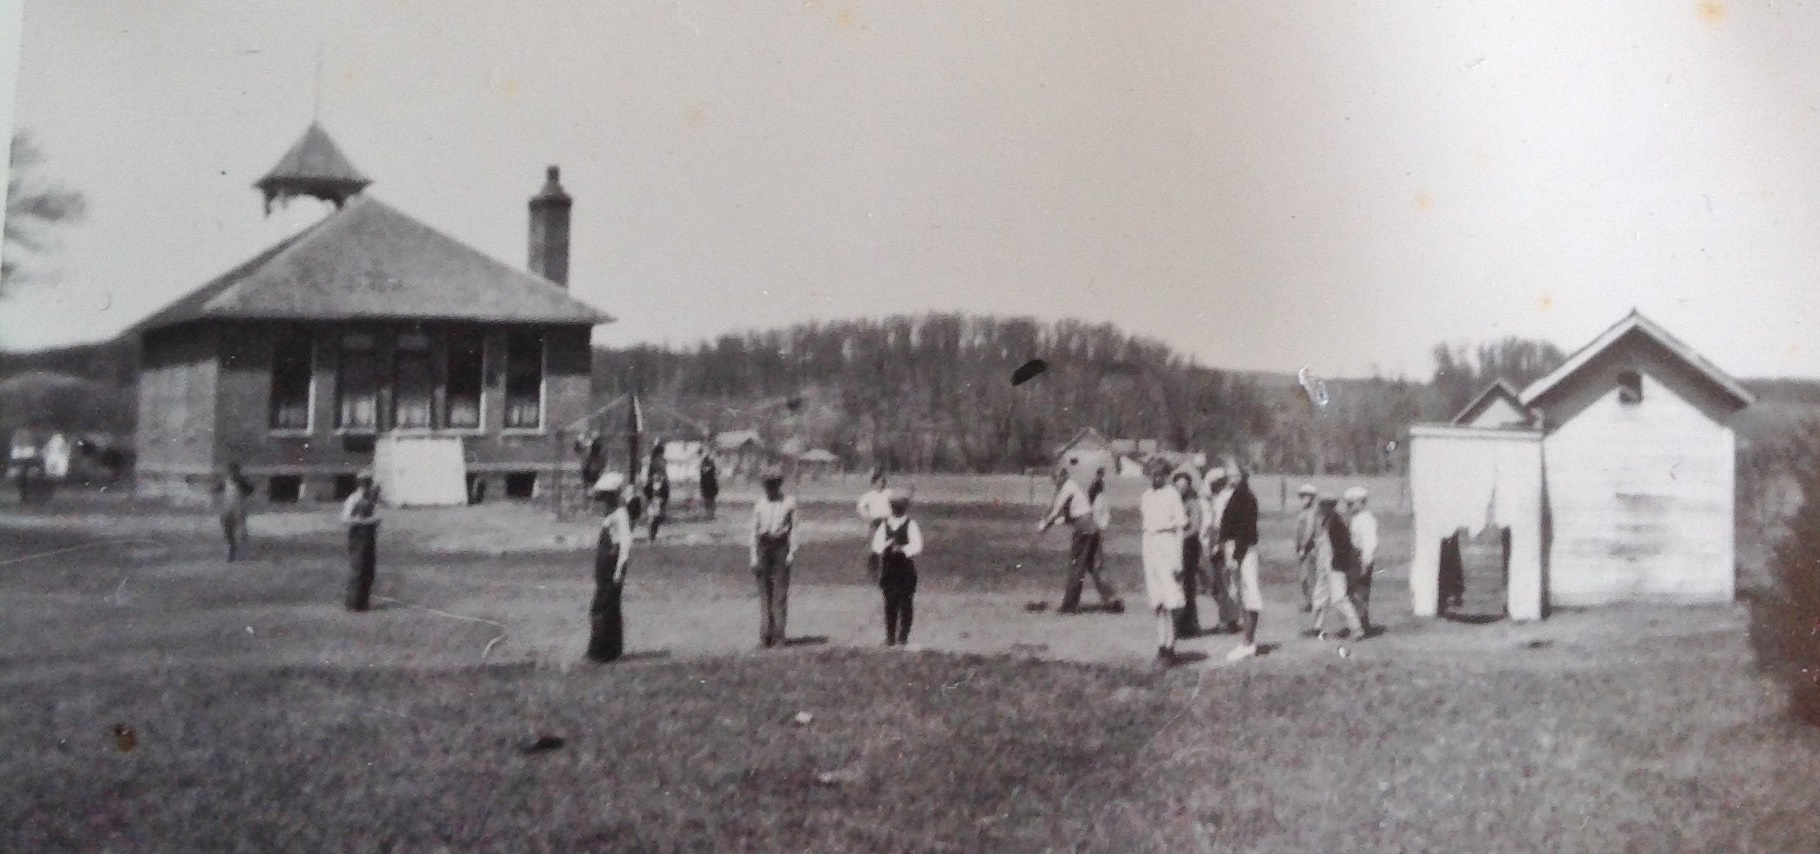 Coral City 1937 ballgame